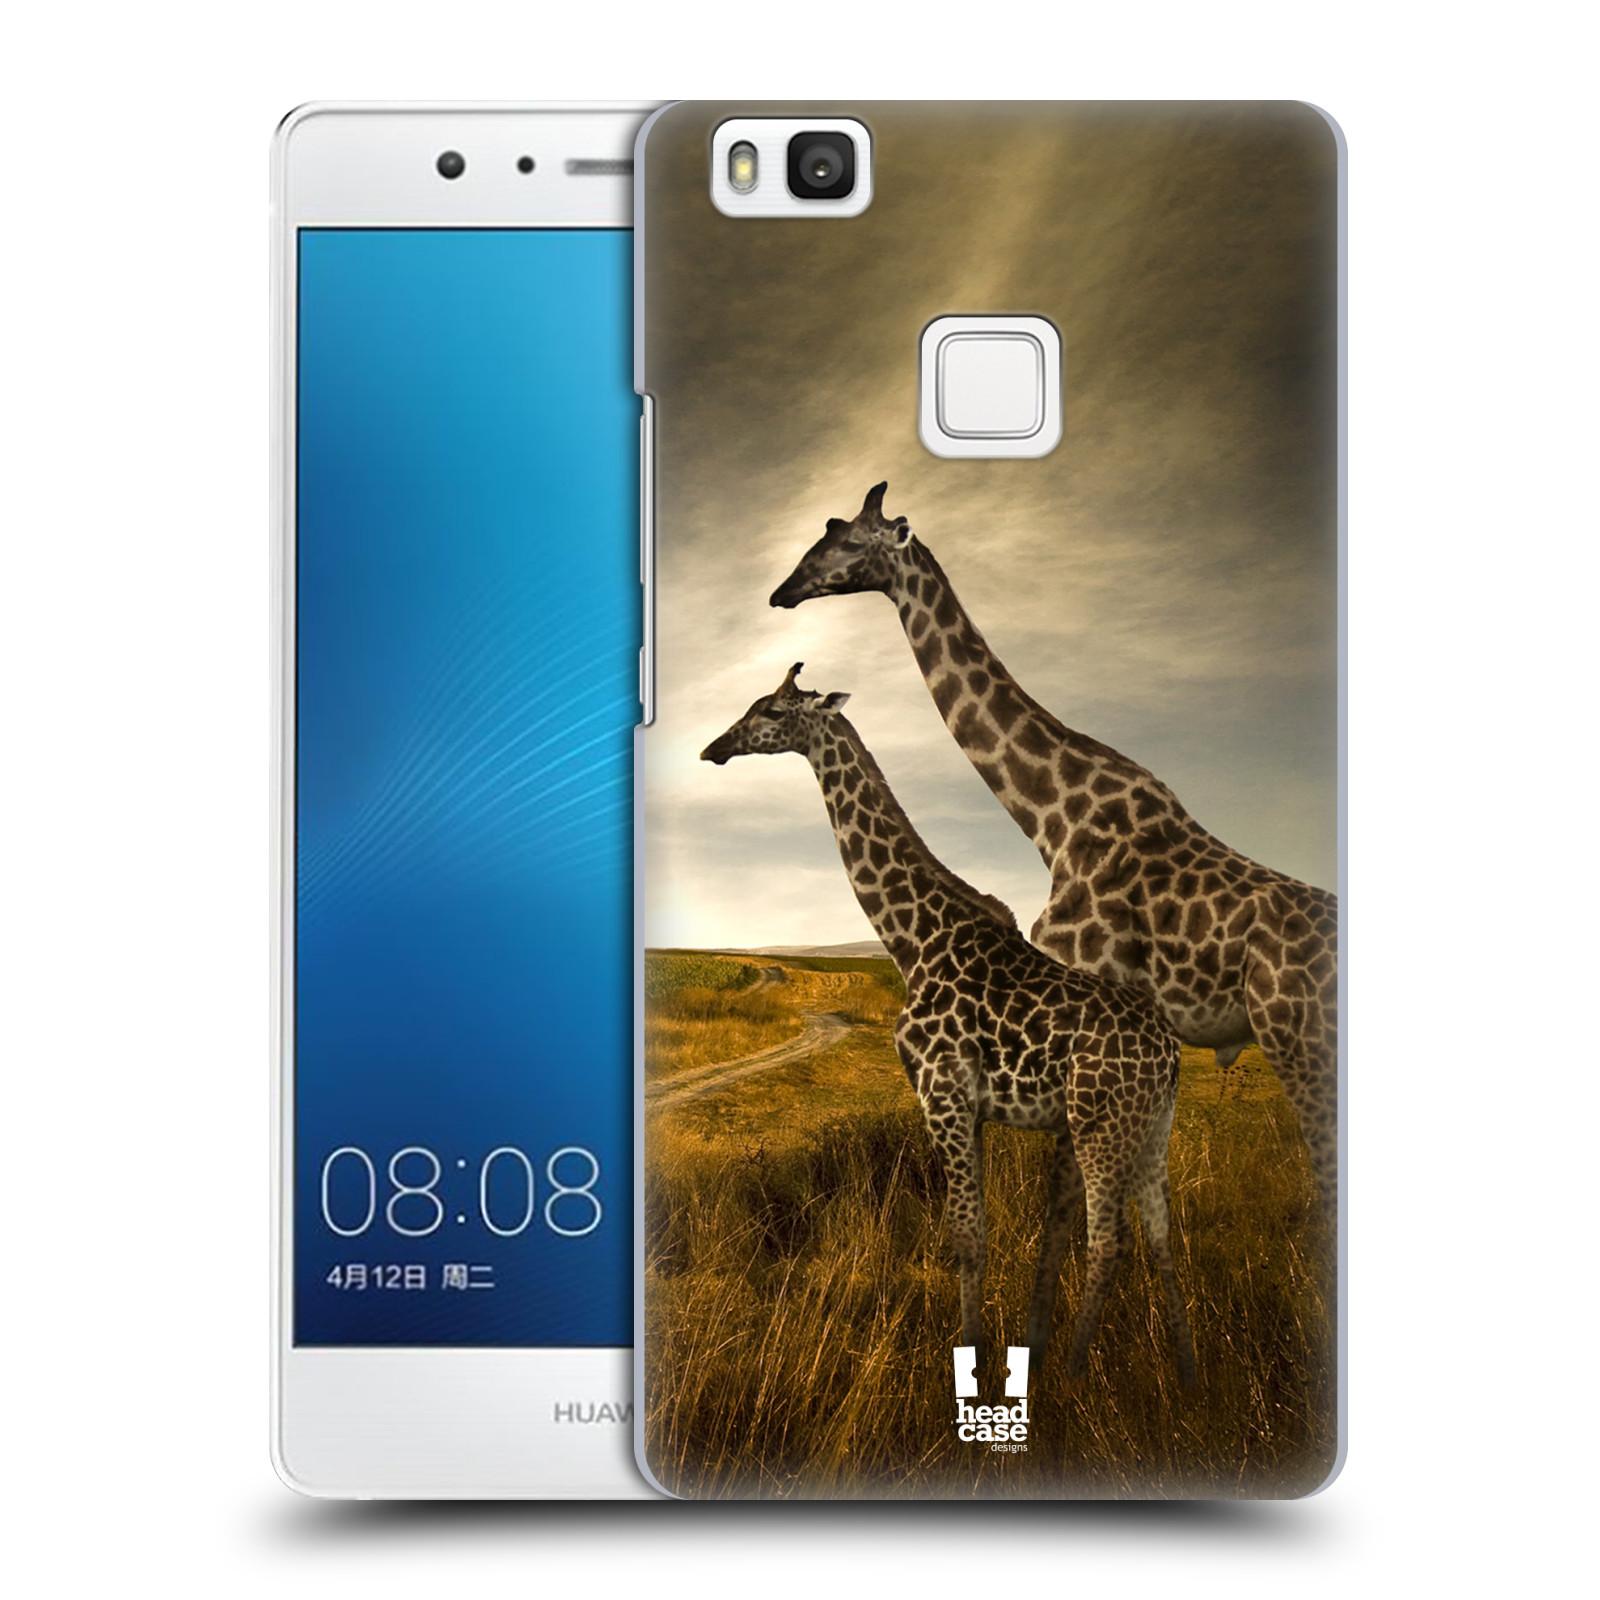 HEAD CASE plastový obal na mobil Huawei P9 LITE / P9 LITE DUAL SIM vzor Divočina, Divoký život a zvířata foto AFRIKA ŽIRAFY VÝHLED